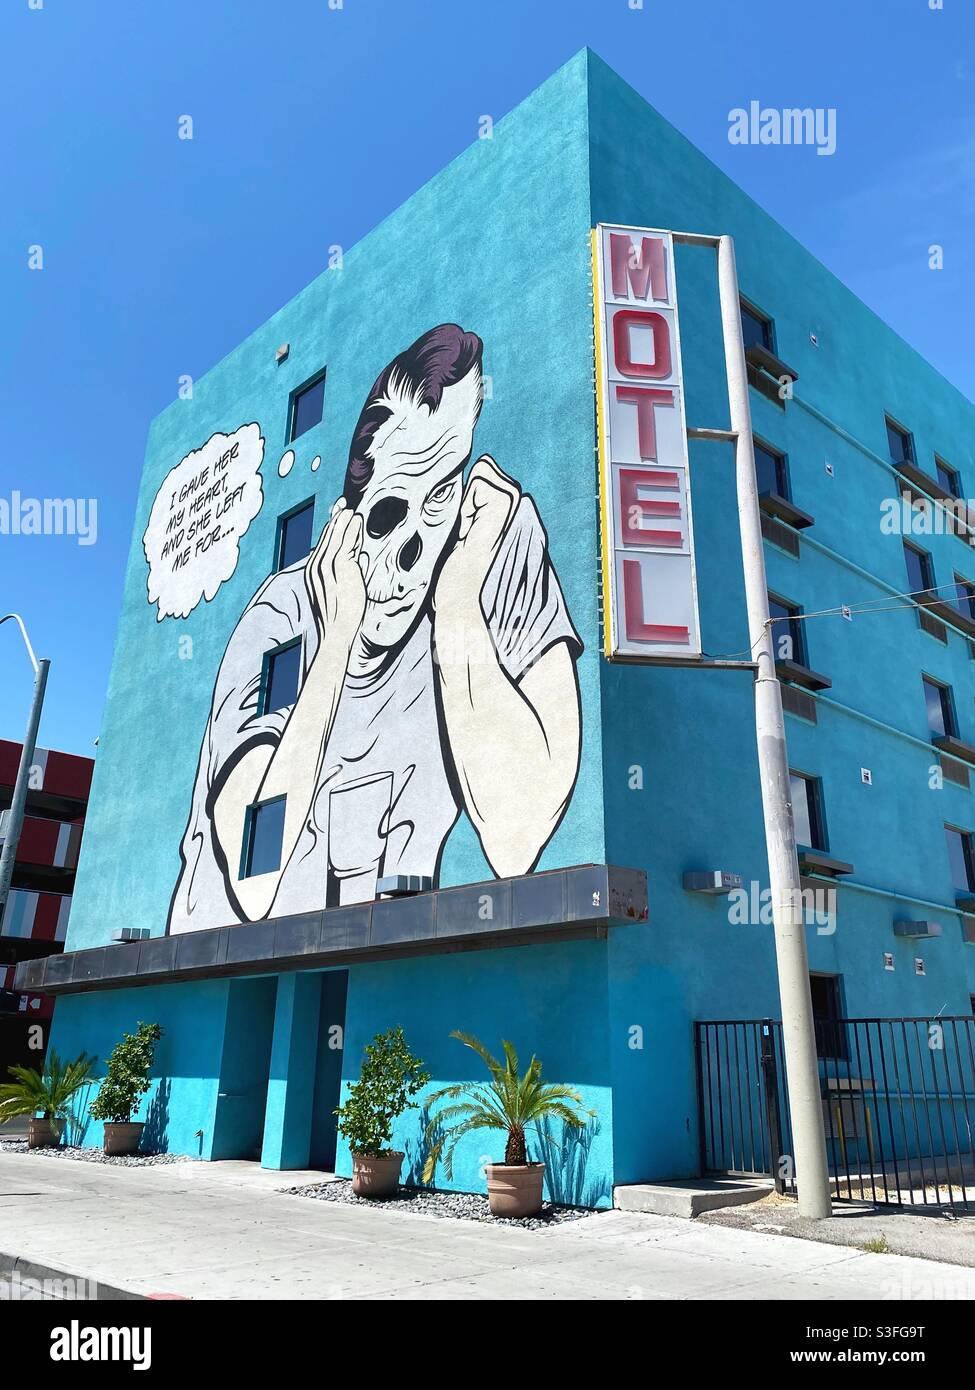 Ein Wandgemälde von D*Face, in der Innenstadt von Las Vegas. Stockfoto